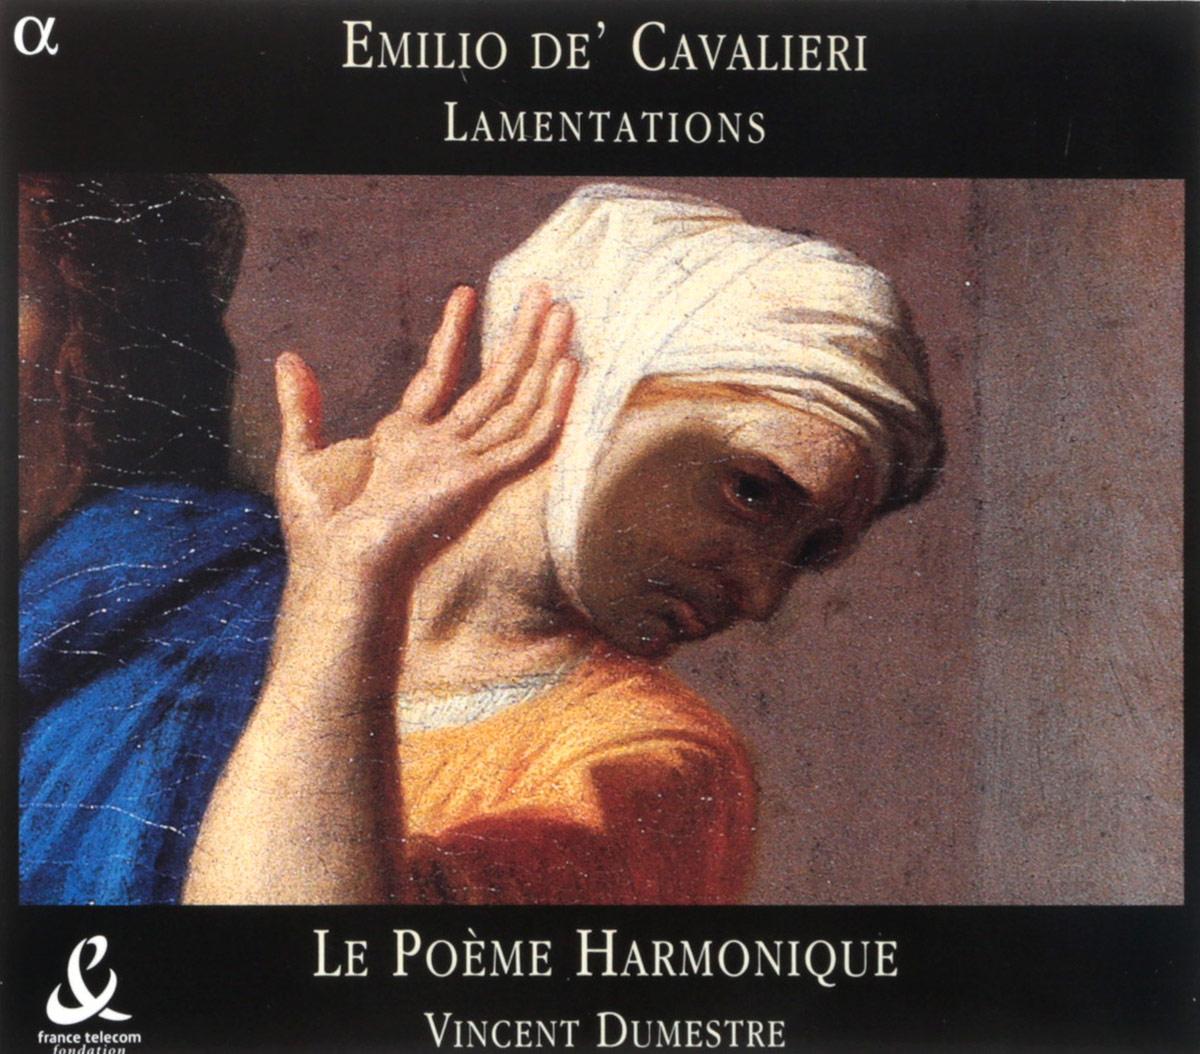 VARIOUS. CAVALIERI, EMILIO DE / LAMENTATIONS /LE POEME HARMONIQUE/ V. DUMESTRE. 1 настенная плитка aparici poeme burdeos ornato 20x20